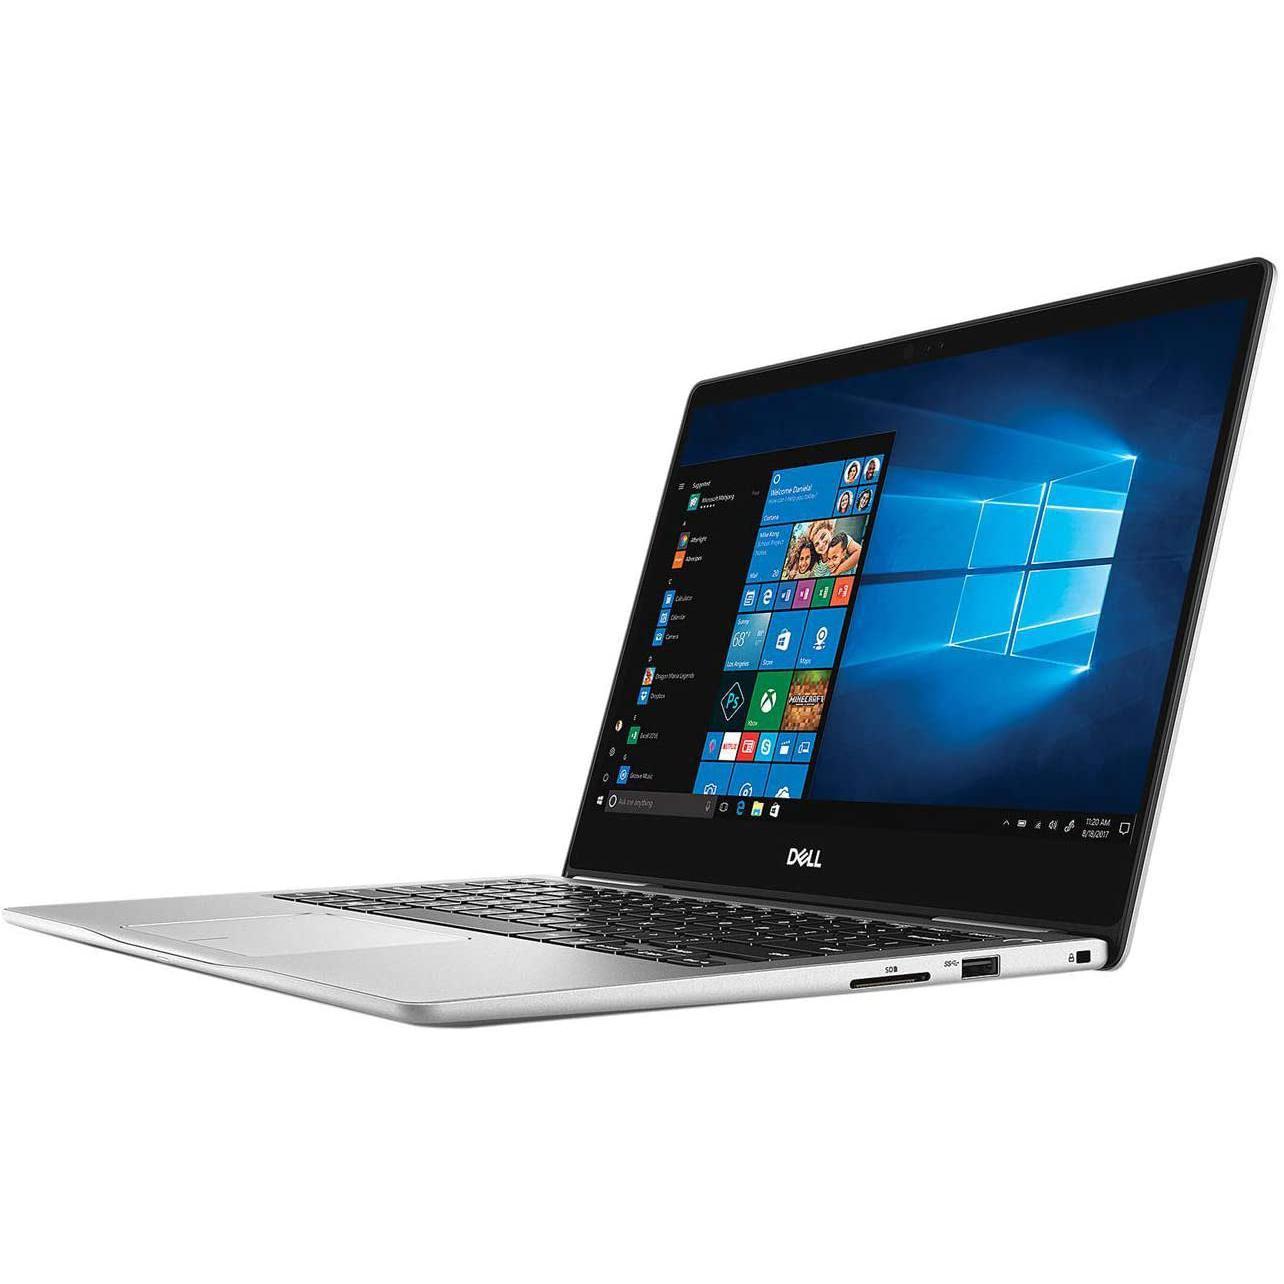 Dell Inspiron 7370 13.3-inch (2017) - Core i7-8550U - 8 GB - SSD 512 GB